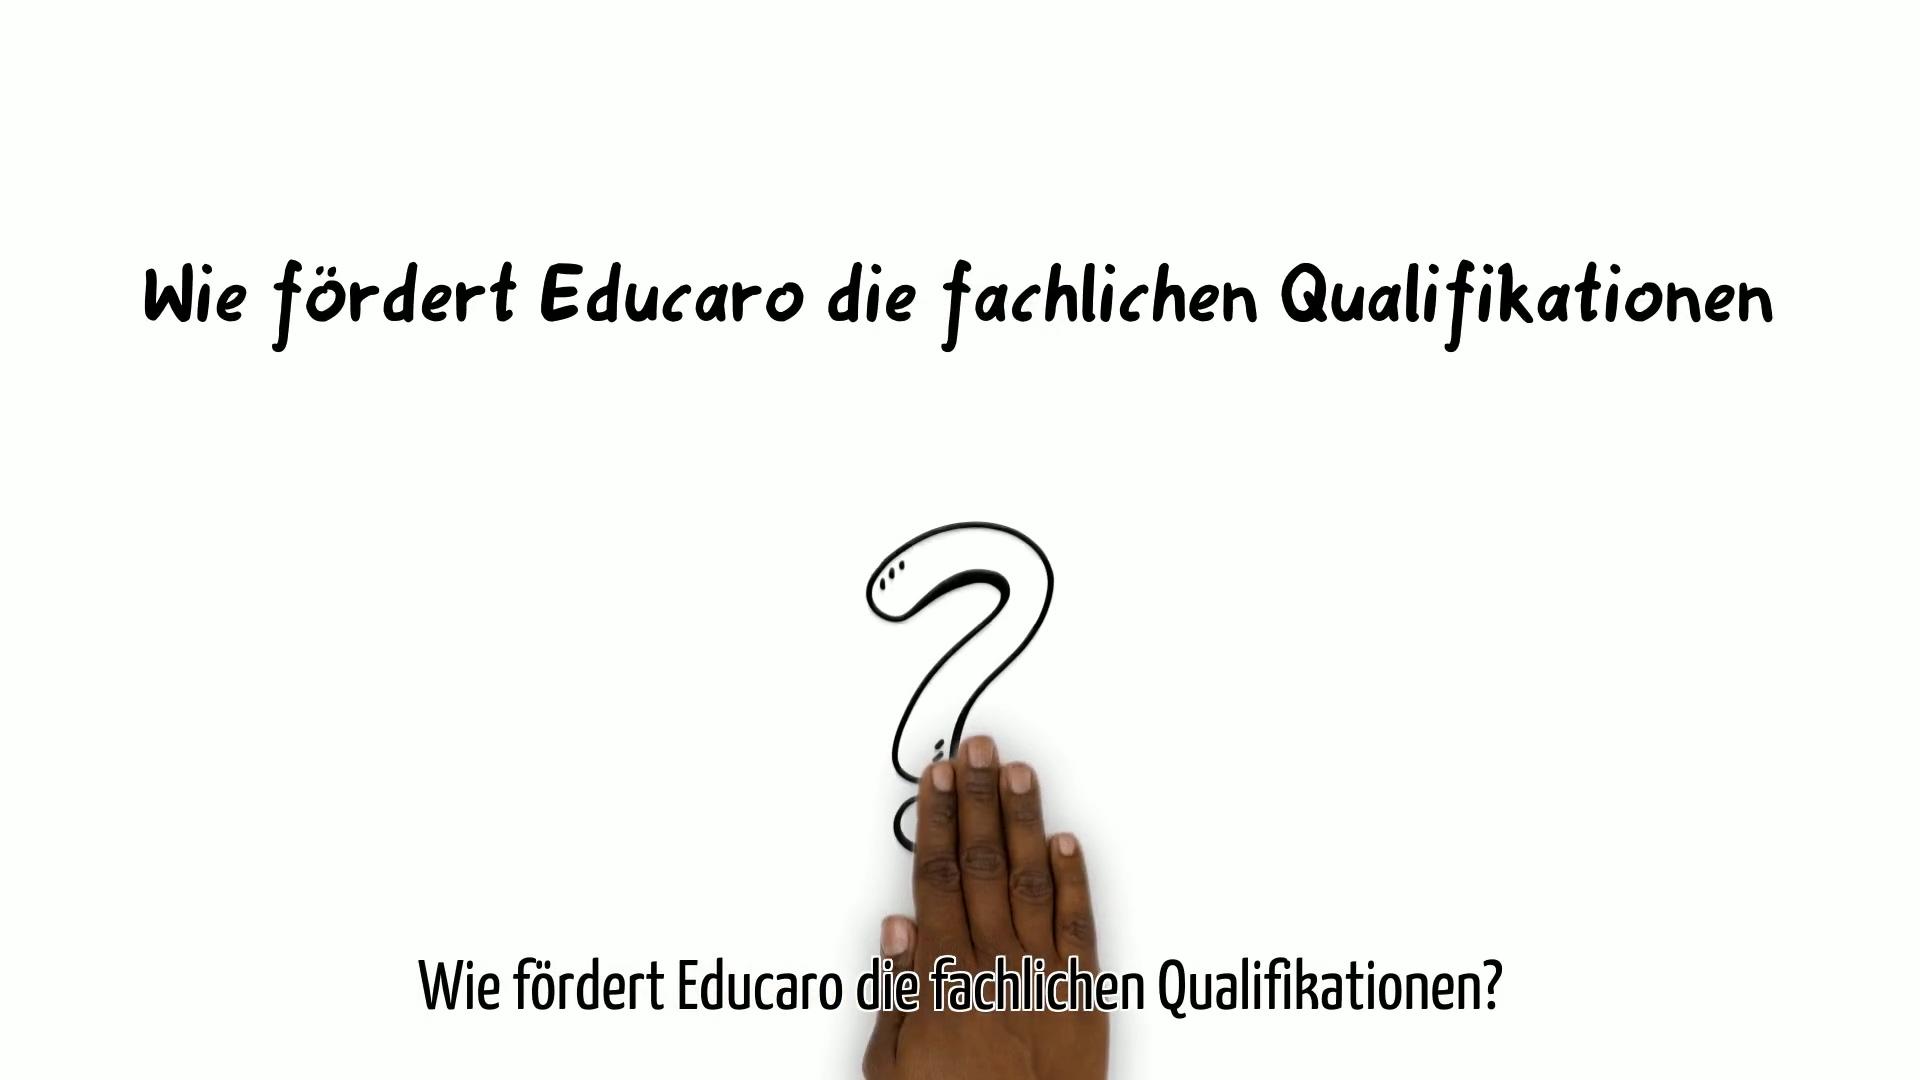 simpleshow_Wie_f_rdert_Educaro_die_fachlichen_Qualifikationen_